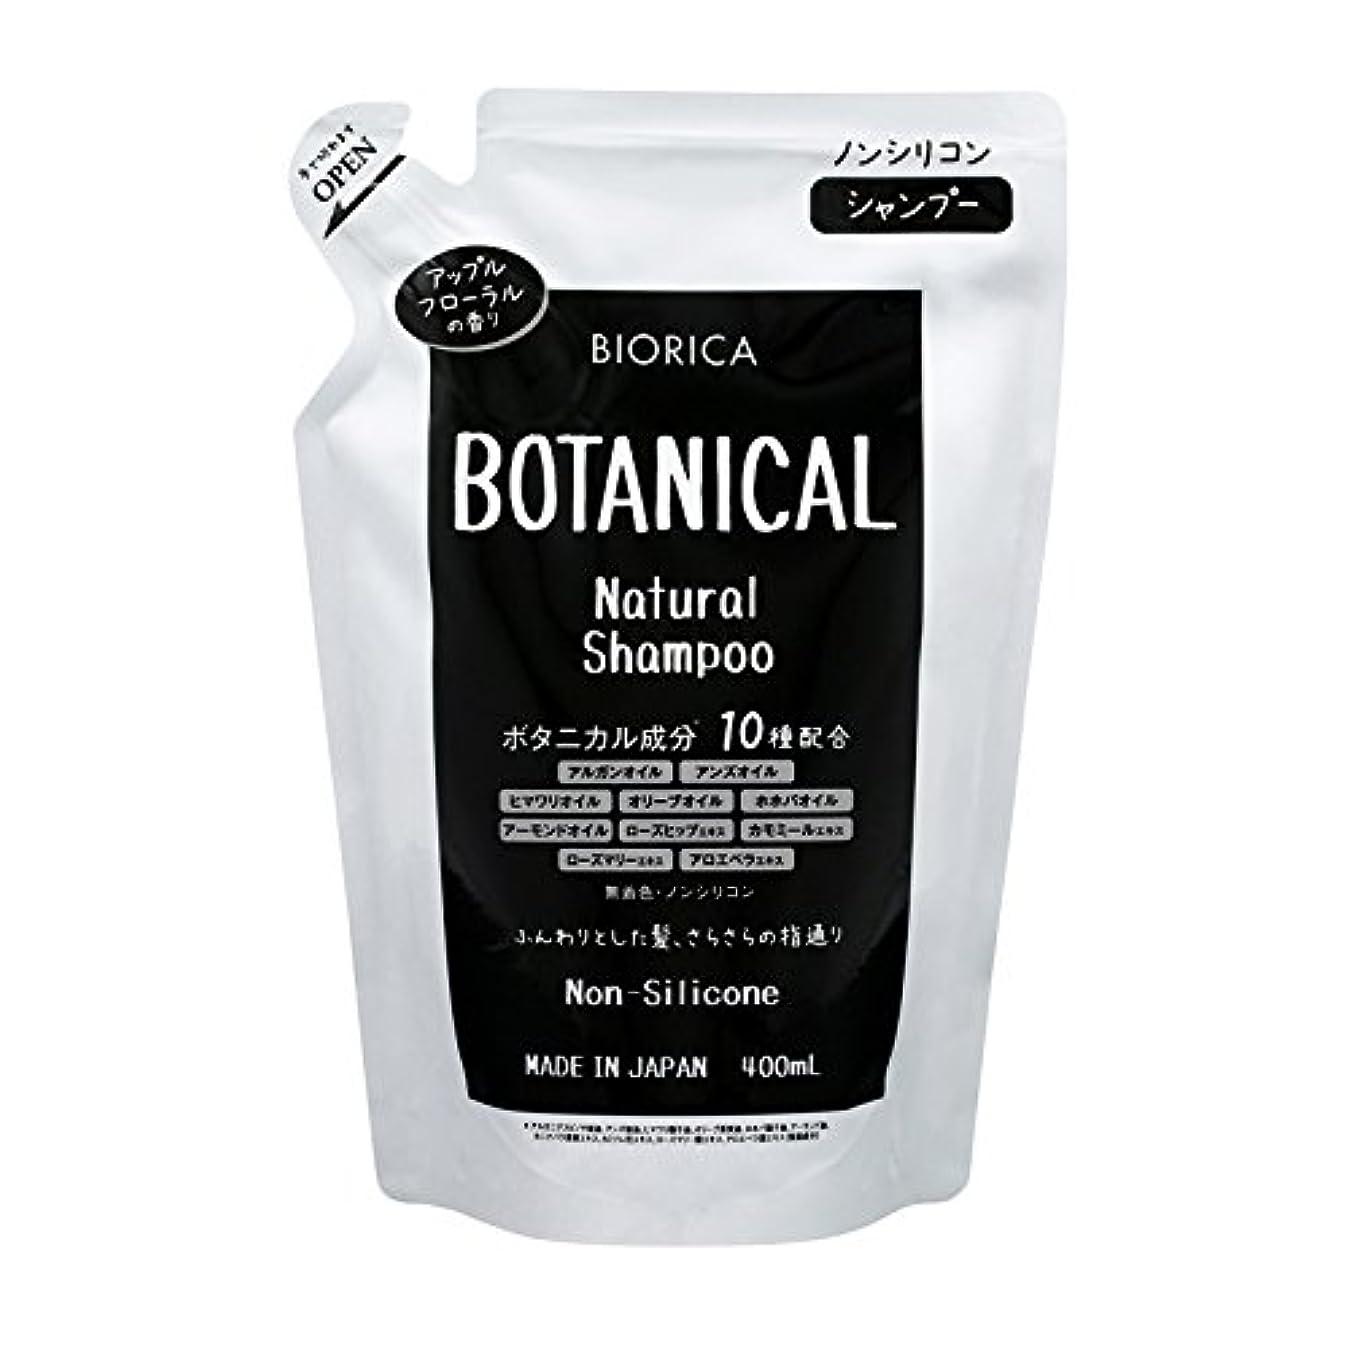 許可パース参照BIORICA ビオリカ ボタニカル ノンシリコン シャンプー 詰め替え アップルフローラルの香り 400ml 日本製